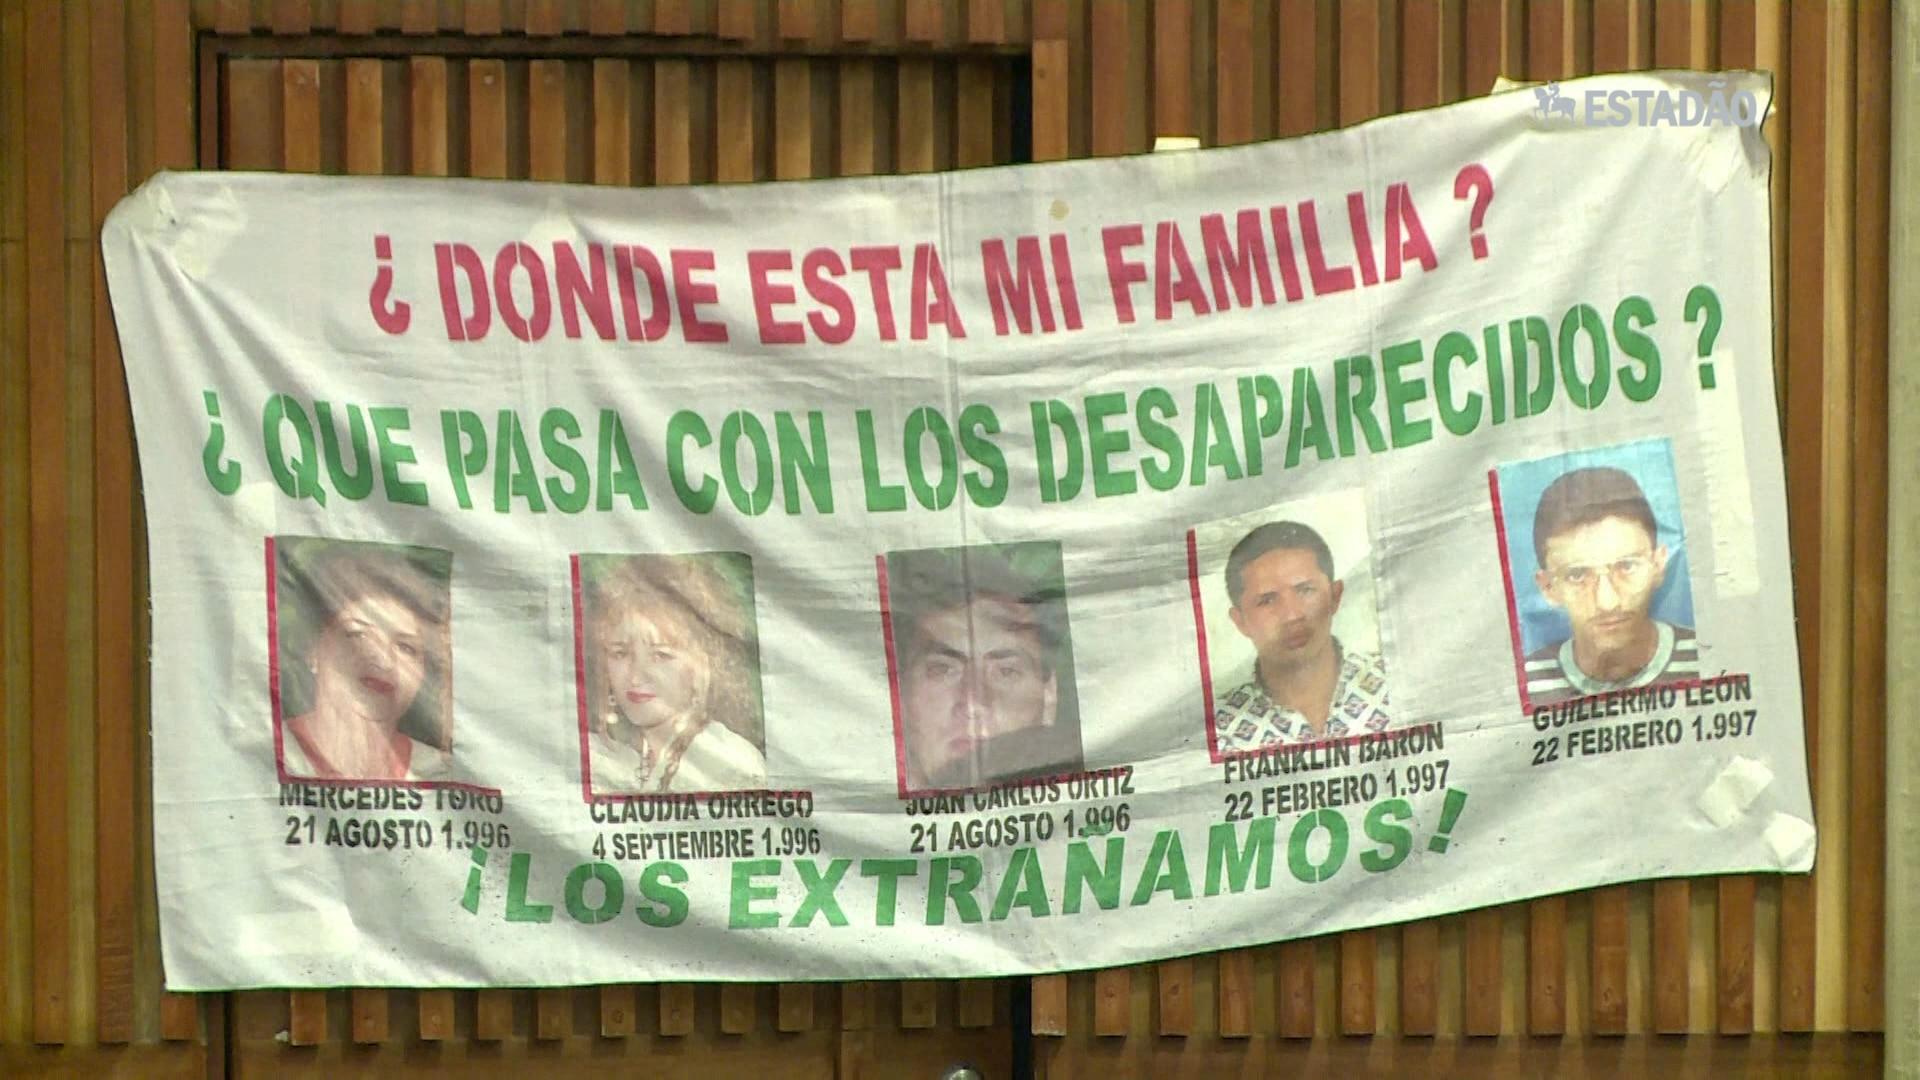 Colômbia teve mais de 60 mil desaparecidos em 45 anos